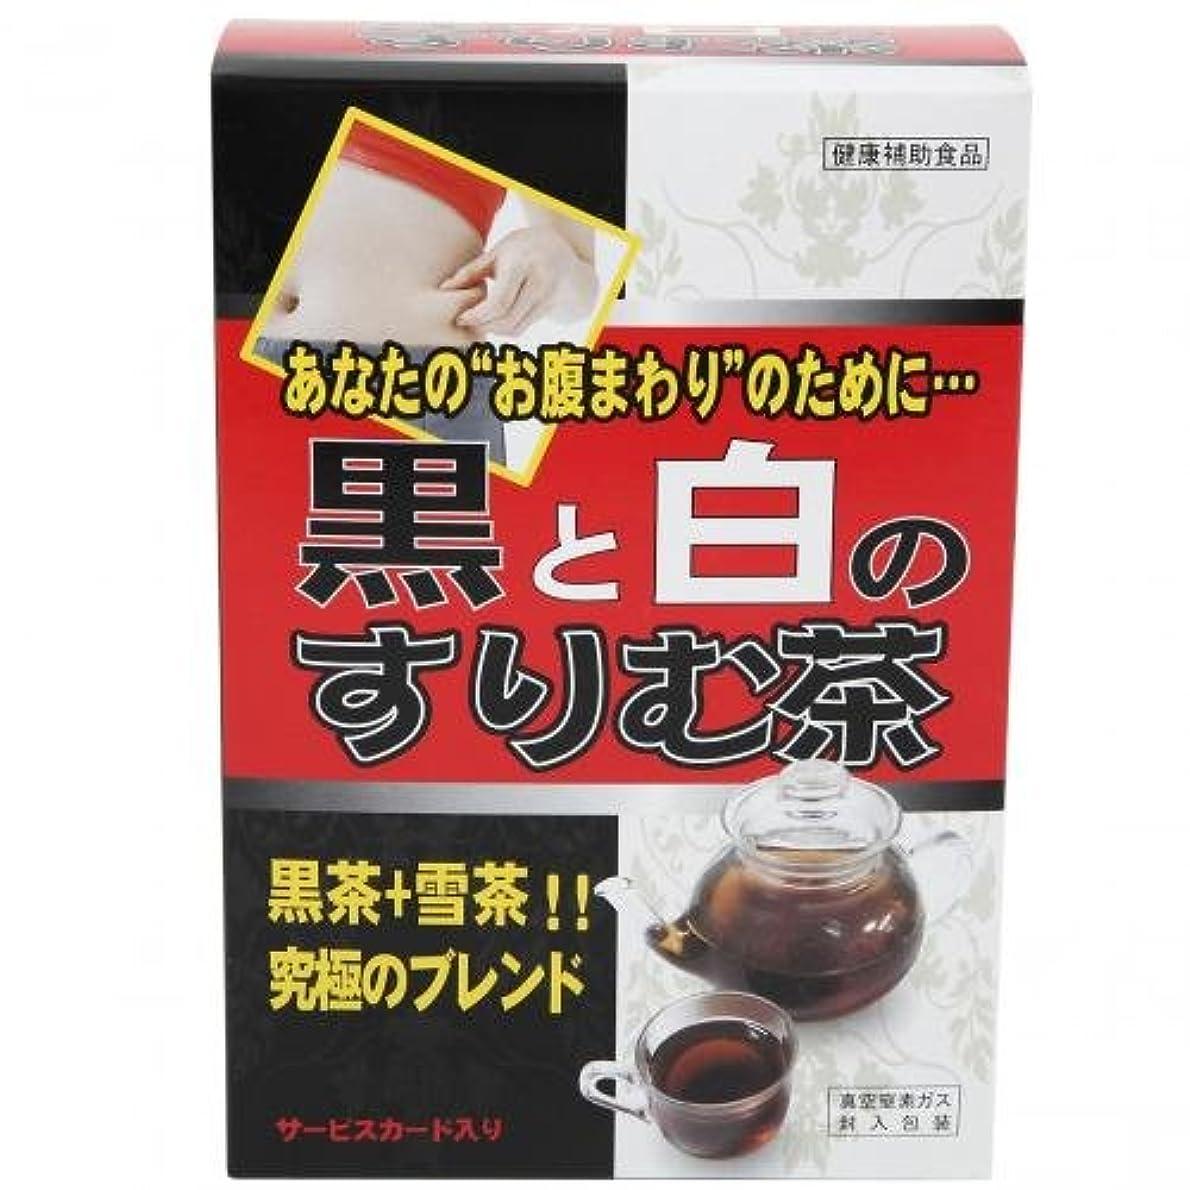 毒液レイアウトレポートを書く共栄黒と白のすりむ茶 24包